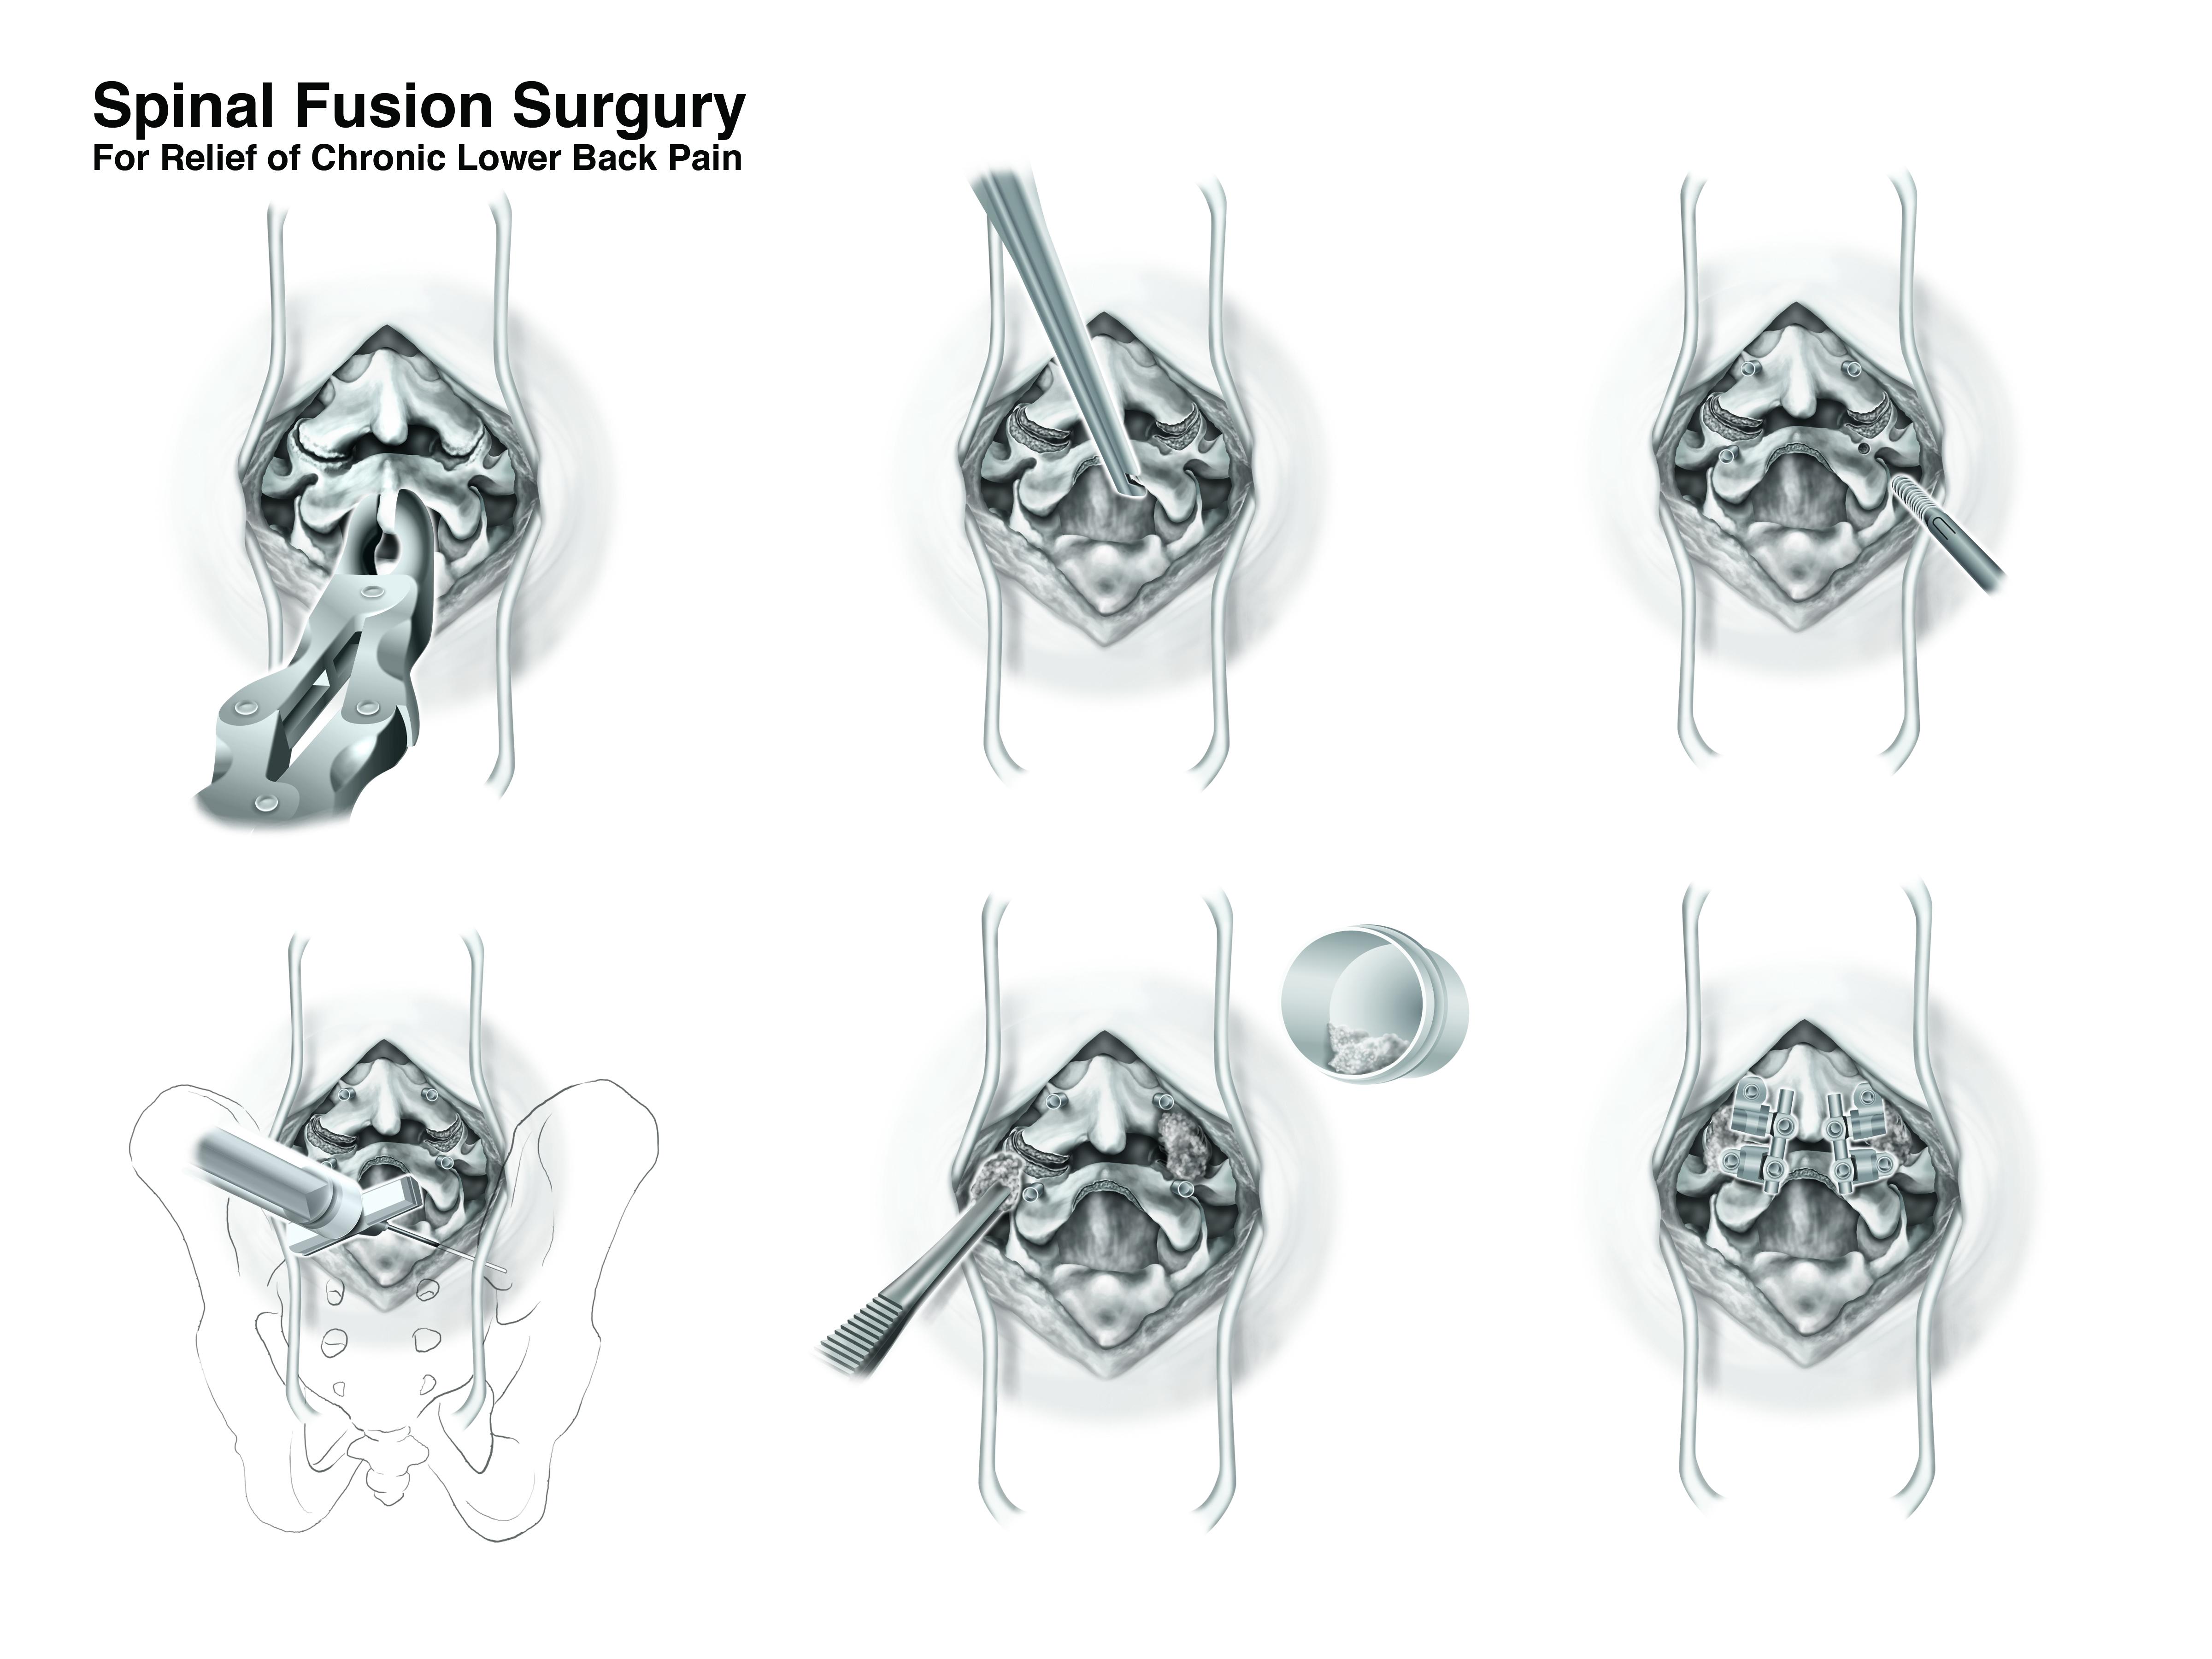 Lumbar Fusion Surgery Final Layout 2